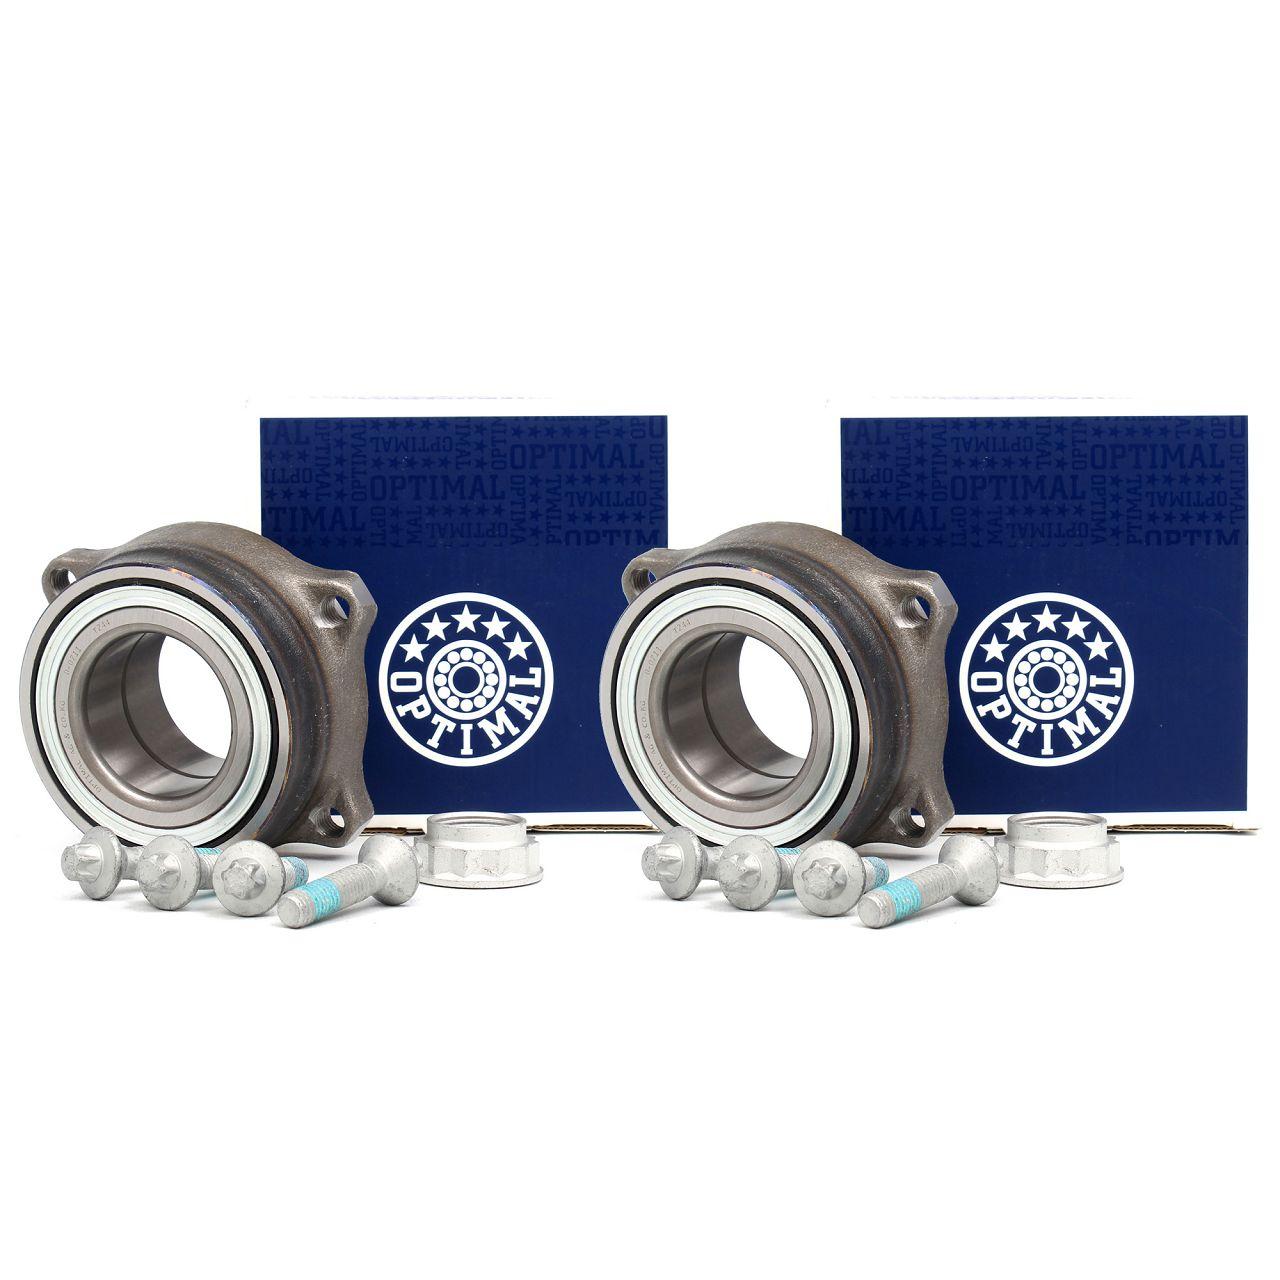 2x OPTIMAL Radlagersatz MERCEDES W204 W211 W212 W221 vorne / hinten 2119810227